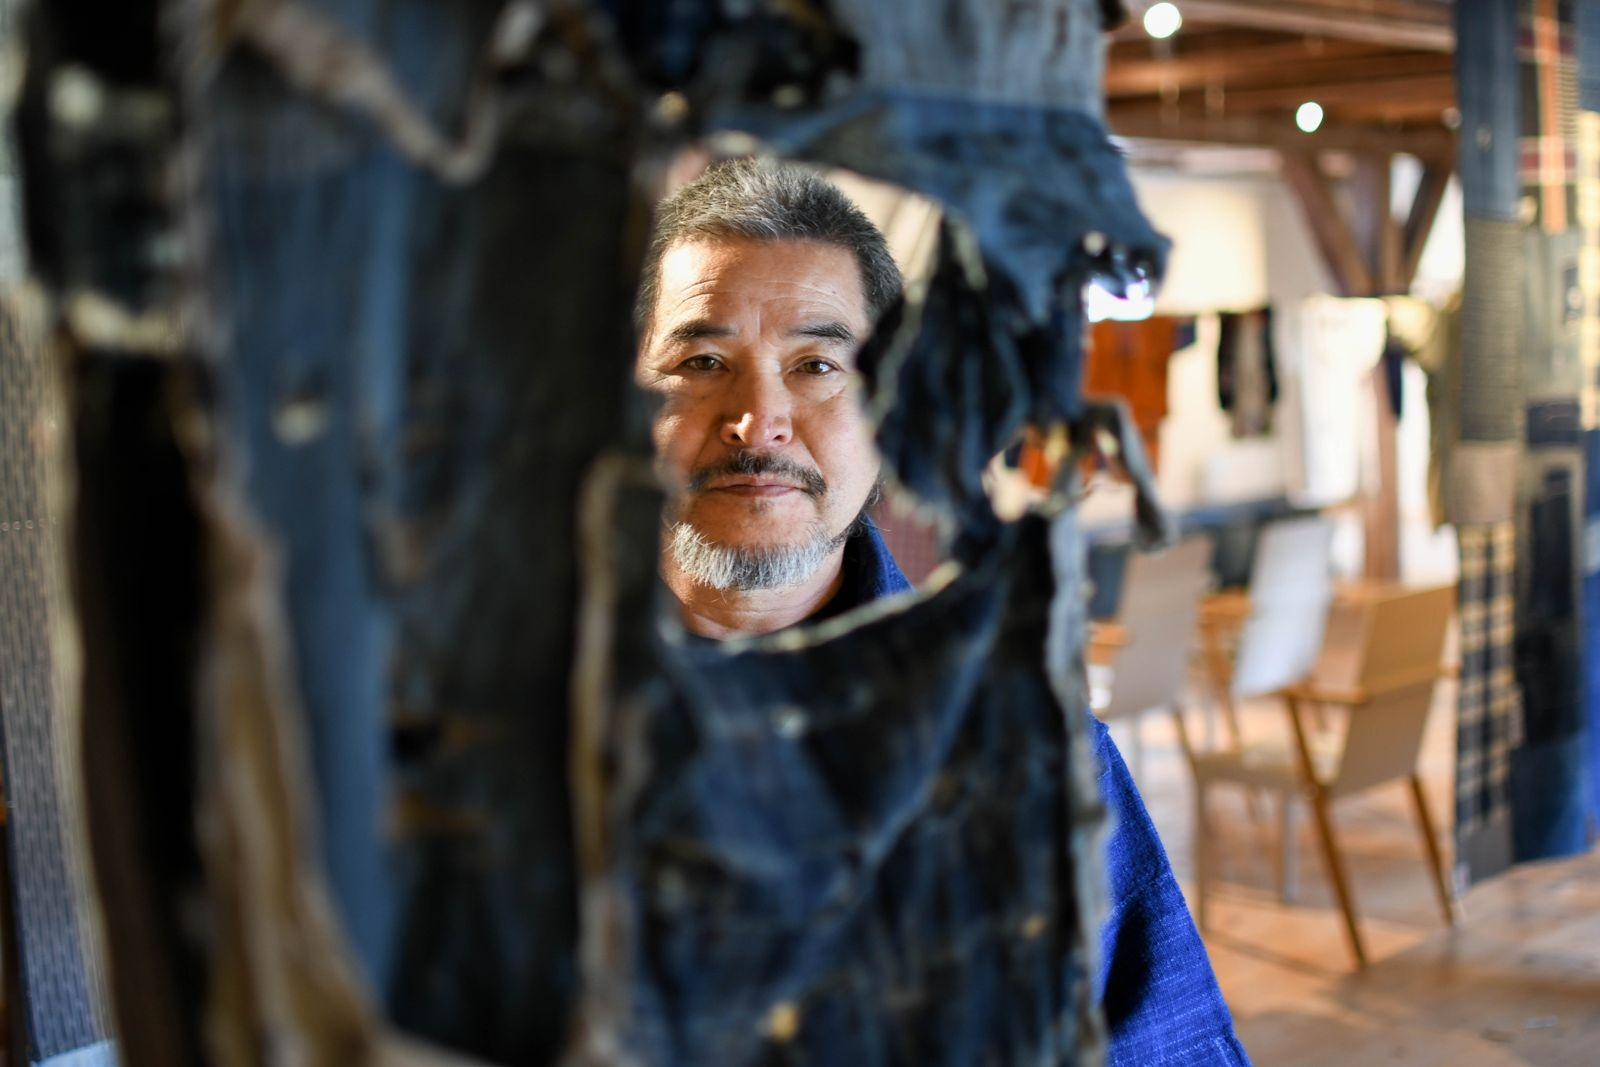 Mottainai är ett japanskt uttryck med innebörden: slösa inte. Det är också namnet Takao Momiyamas utställning på Österlens museum.